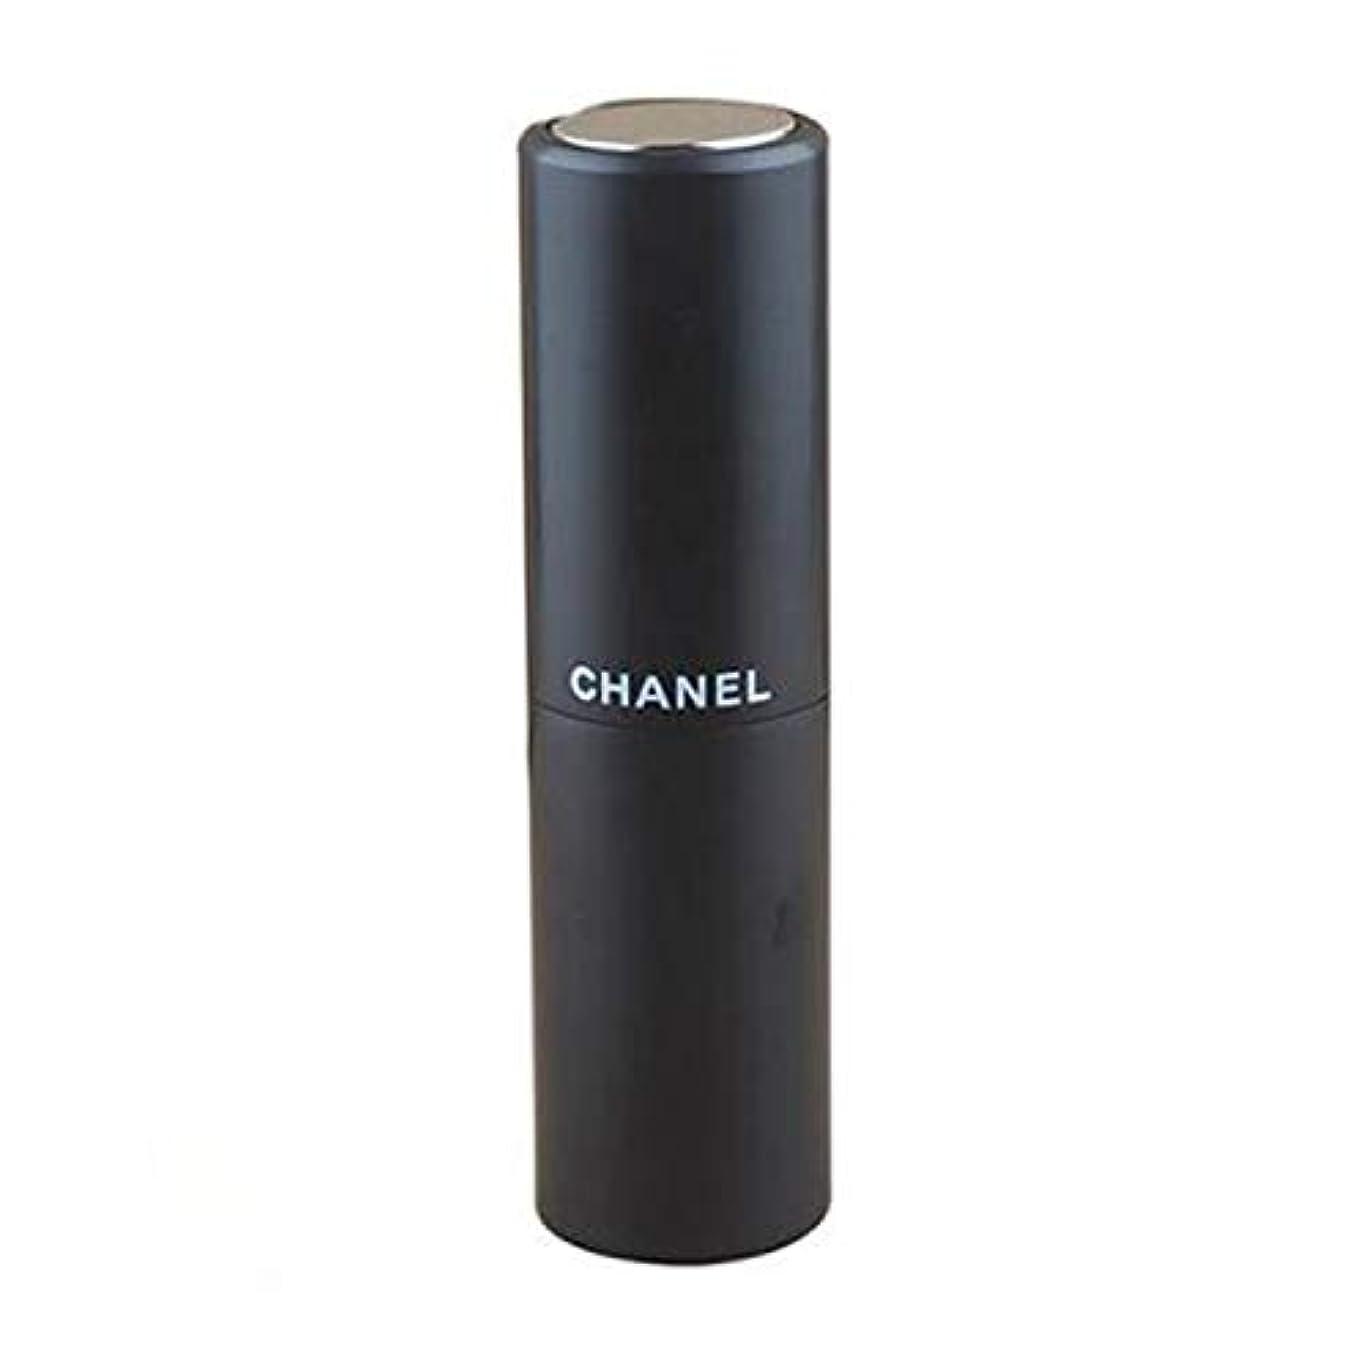 十代によって段階アトマイザー 詰め替え SAWANT アトマイザー 香水 容器香水詰め替え ボトル スプレー 男女兼用香水 ボトル ブラック 20ML …